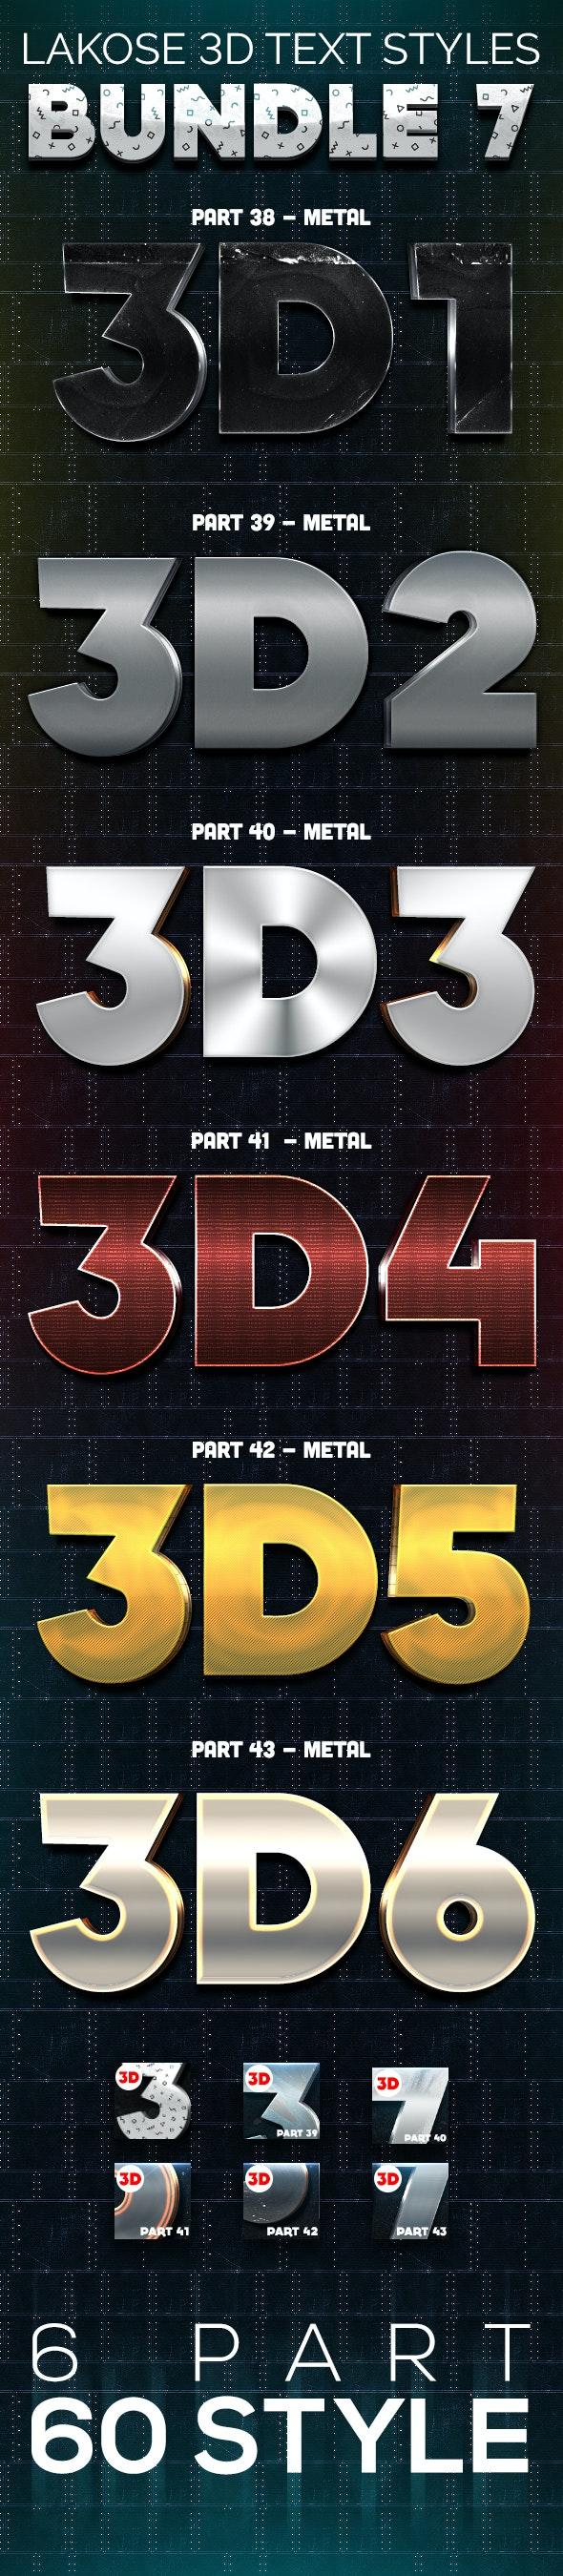 Lakose 3D Text Styles Bundle 7 - Text Effects Styles